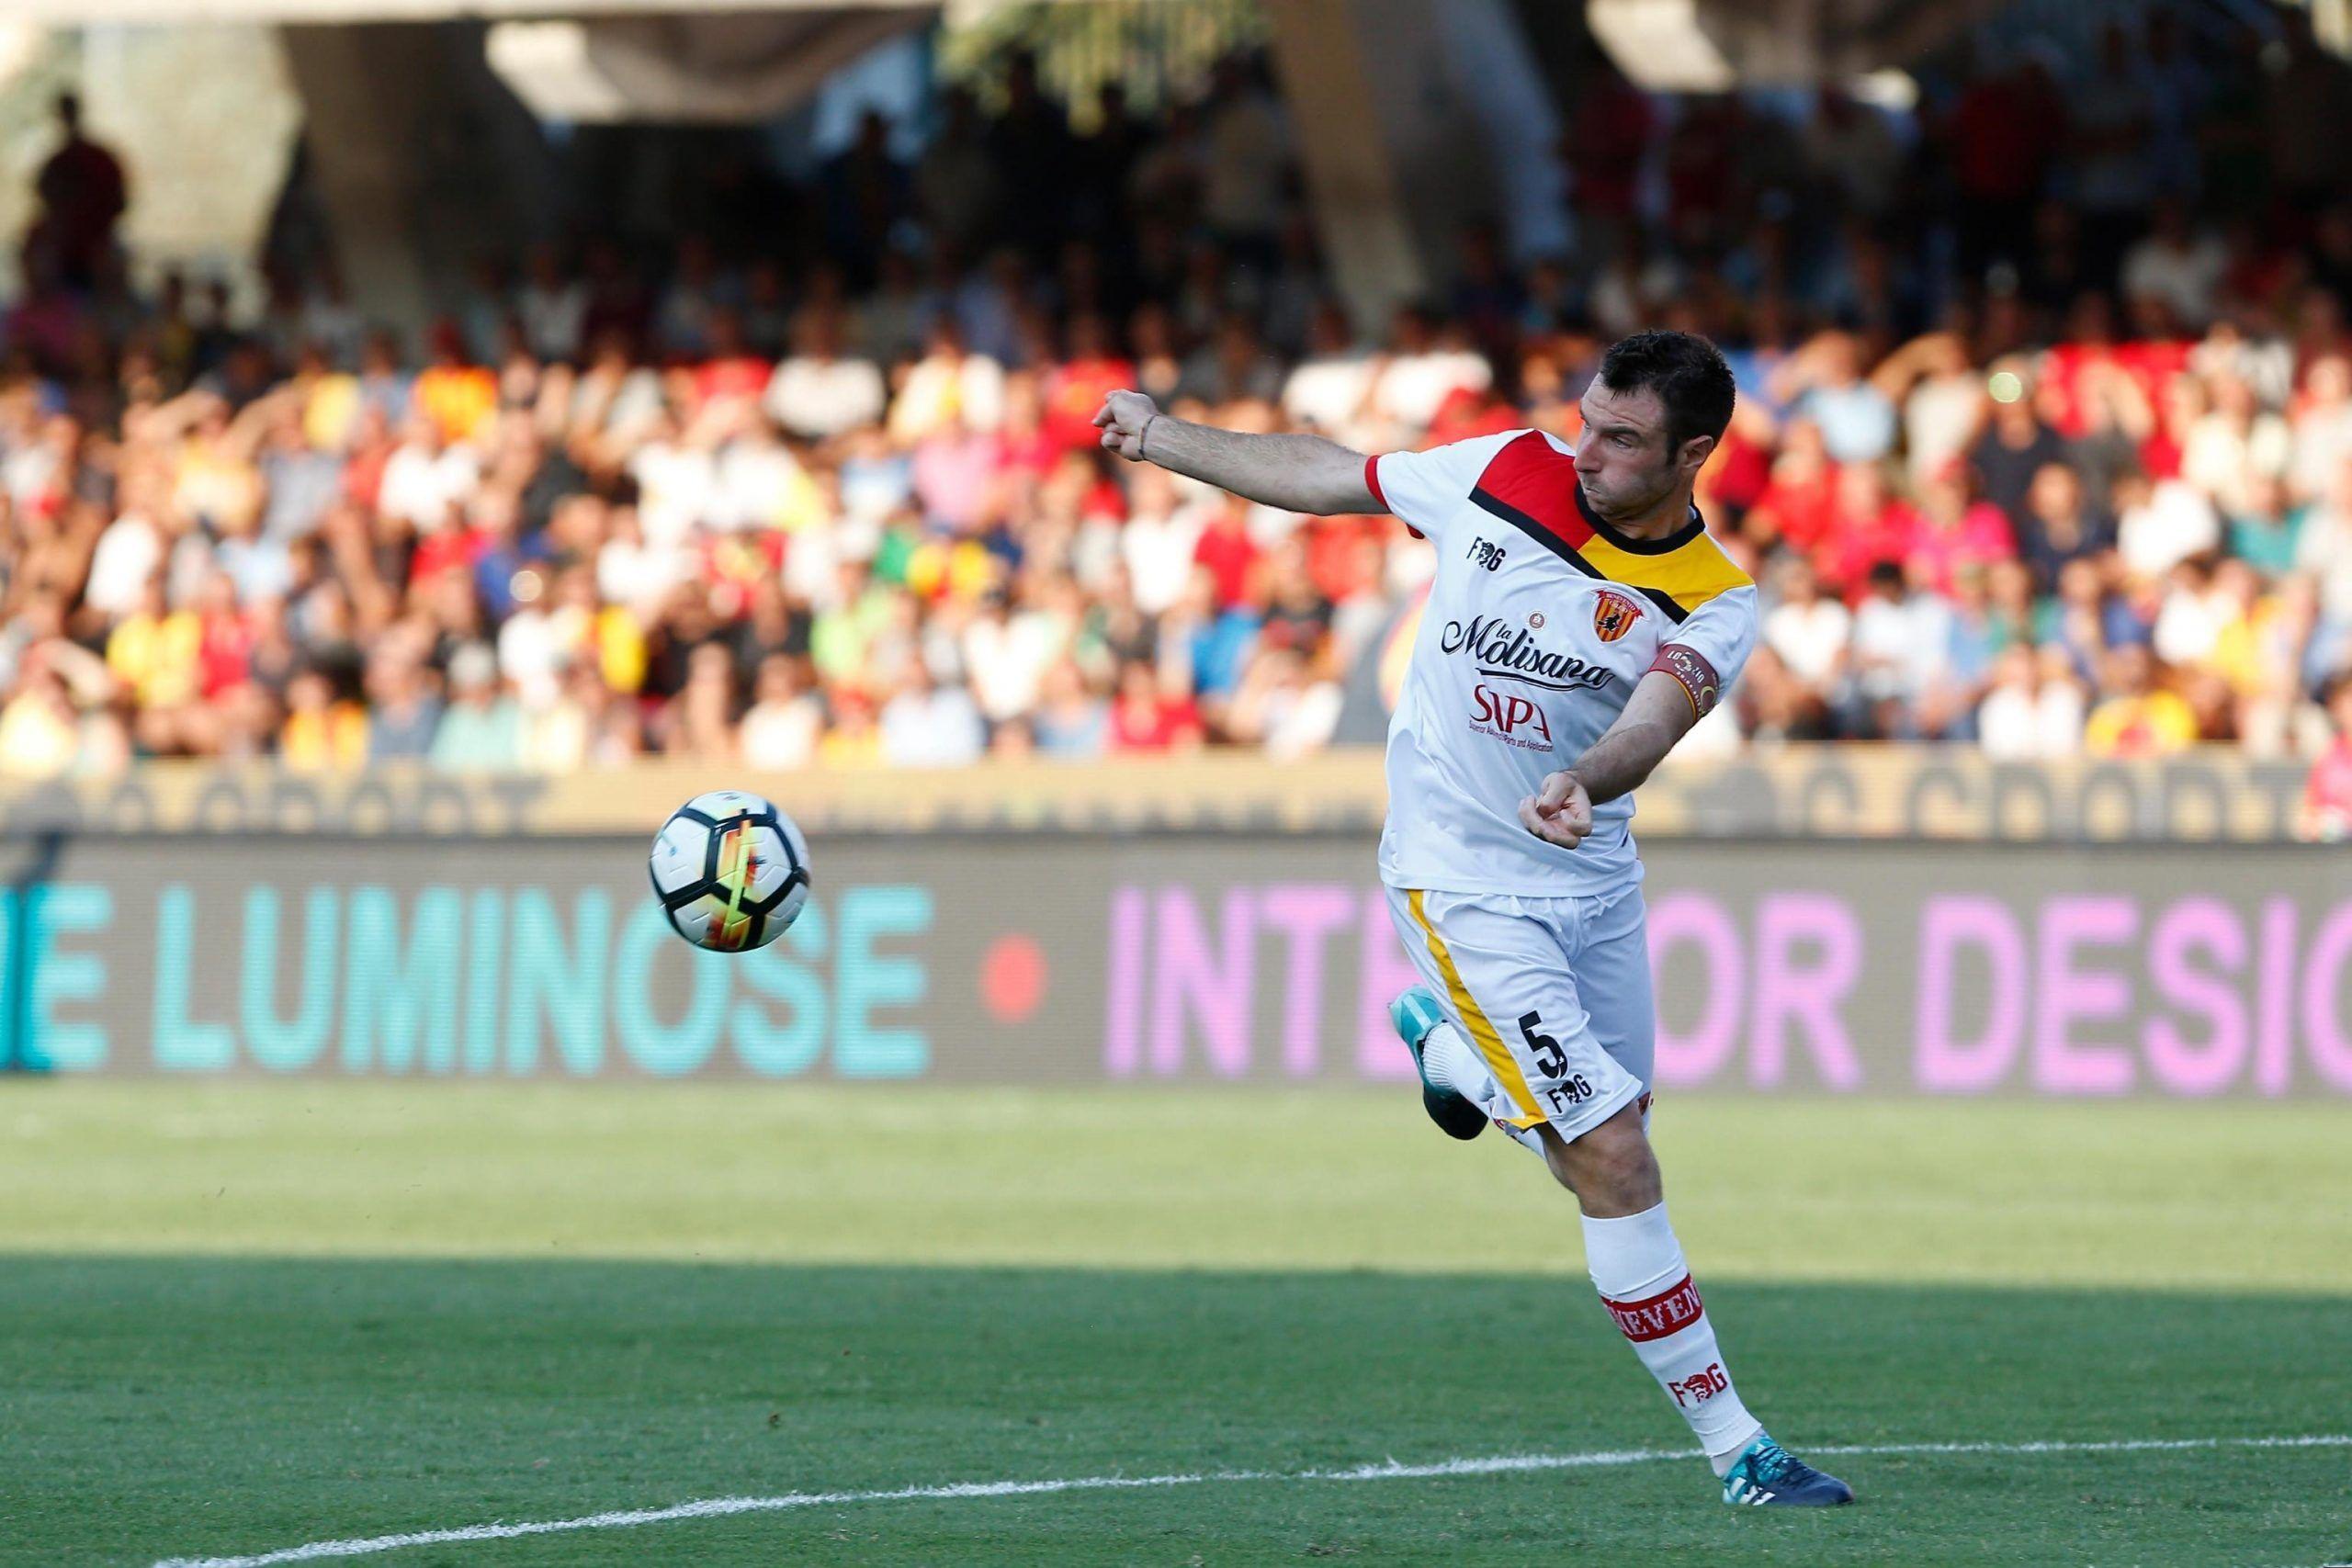 ++ Doping: positivo capitano del Benevento Lucioni ++